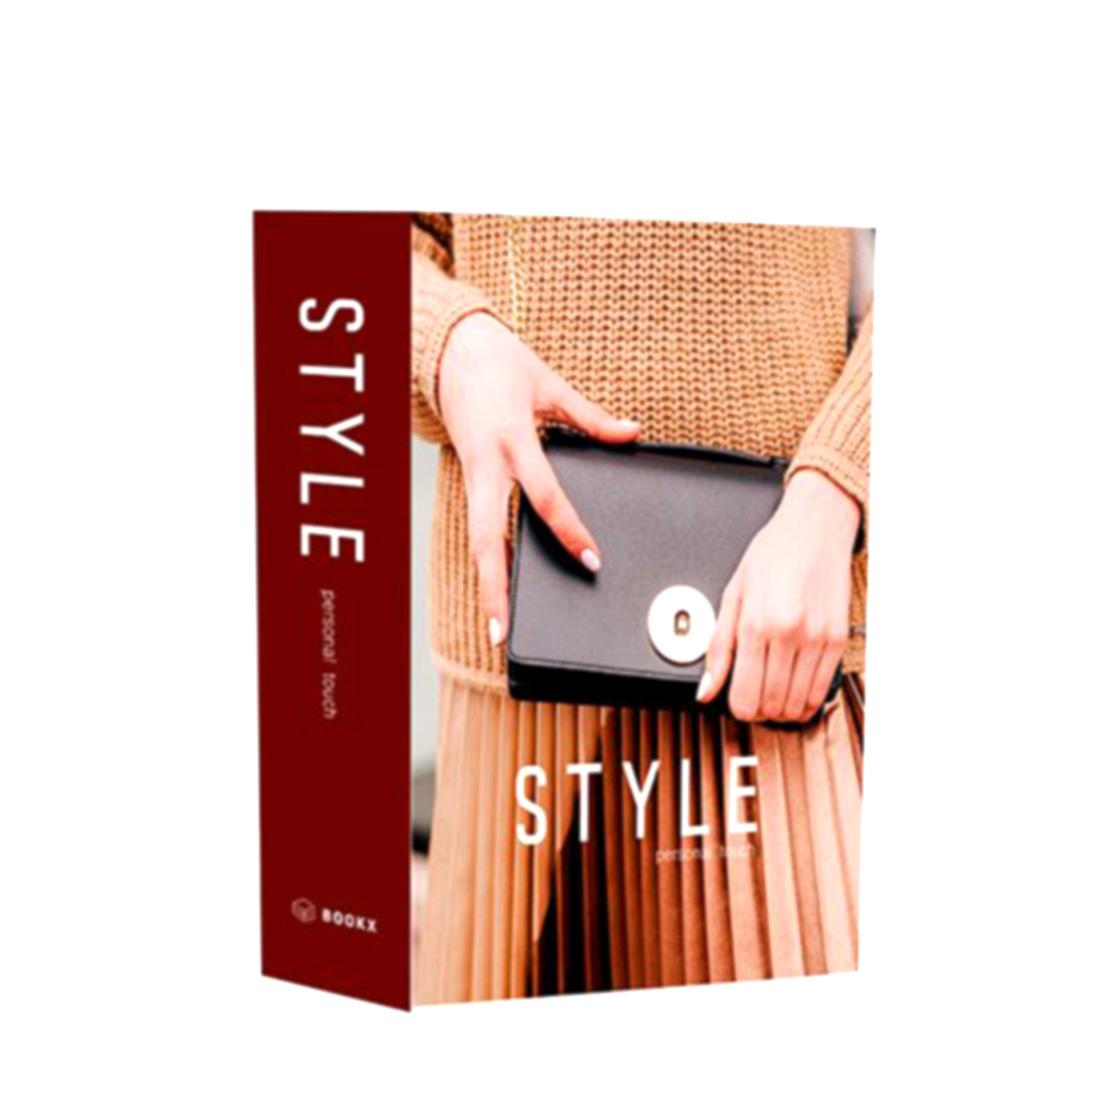 BOOK BOX LIVRO CAIXA DECORATIVO Fashion Personal  - Arrivo Mobile